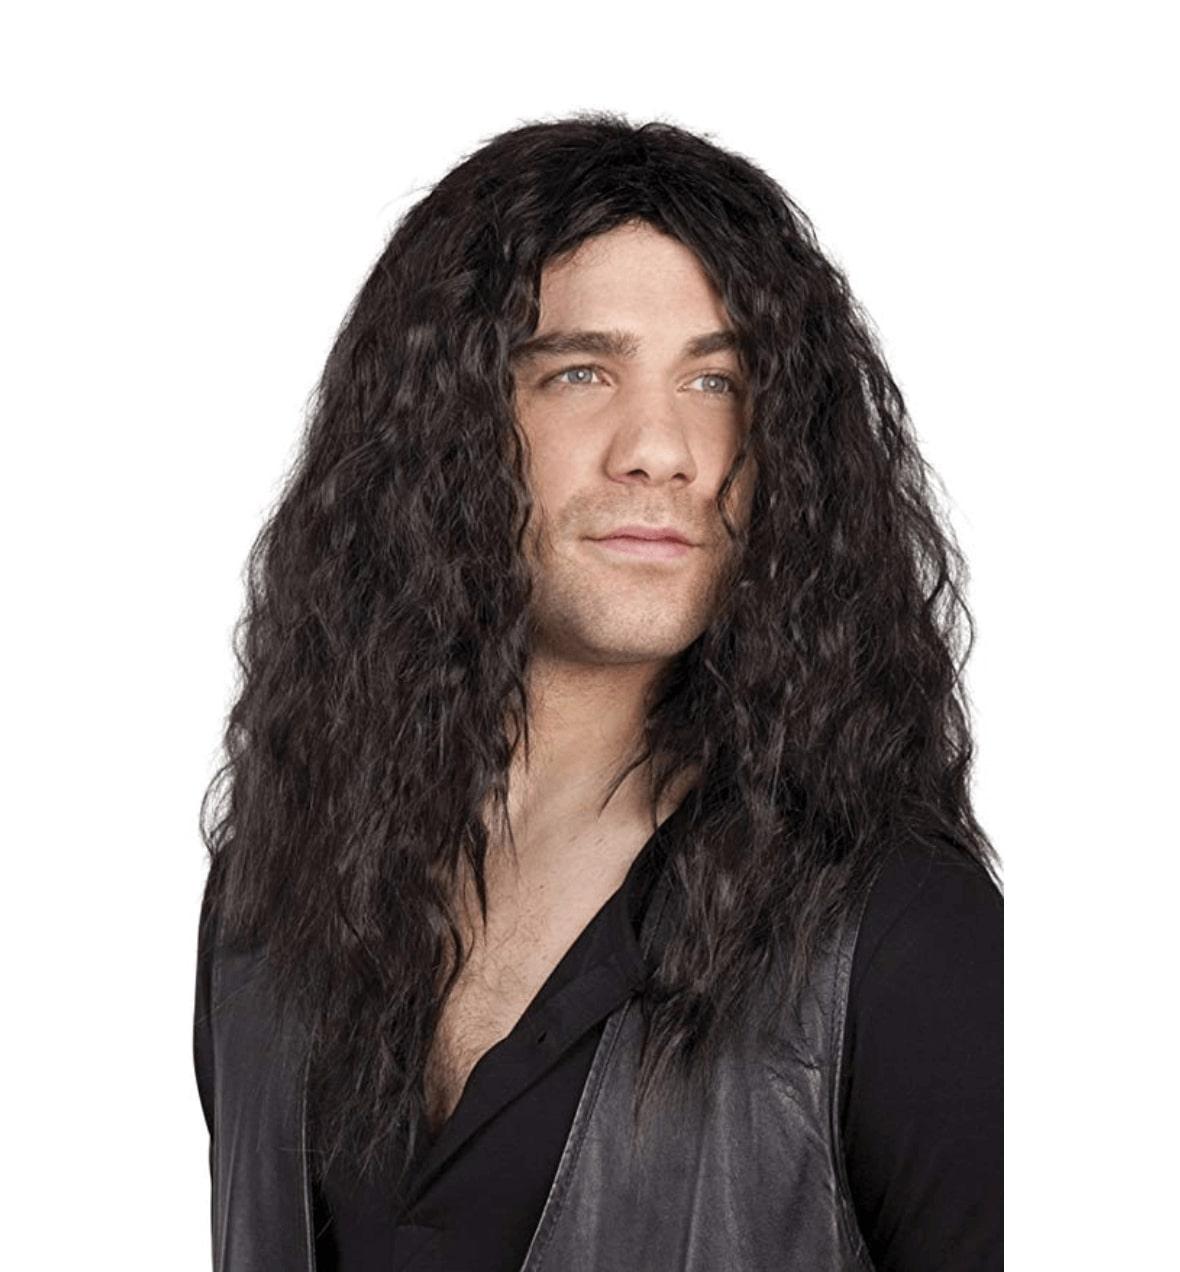 jacques perruque cheveux longs brun homme. Black Bedroom Furniture Sets. Home Design Ideas